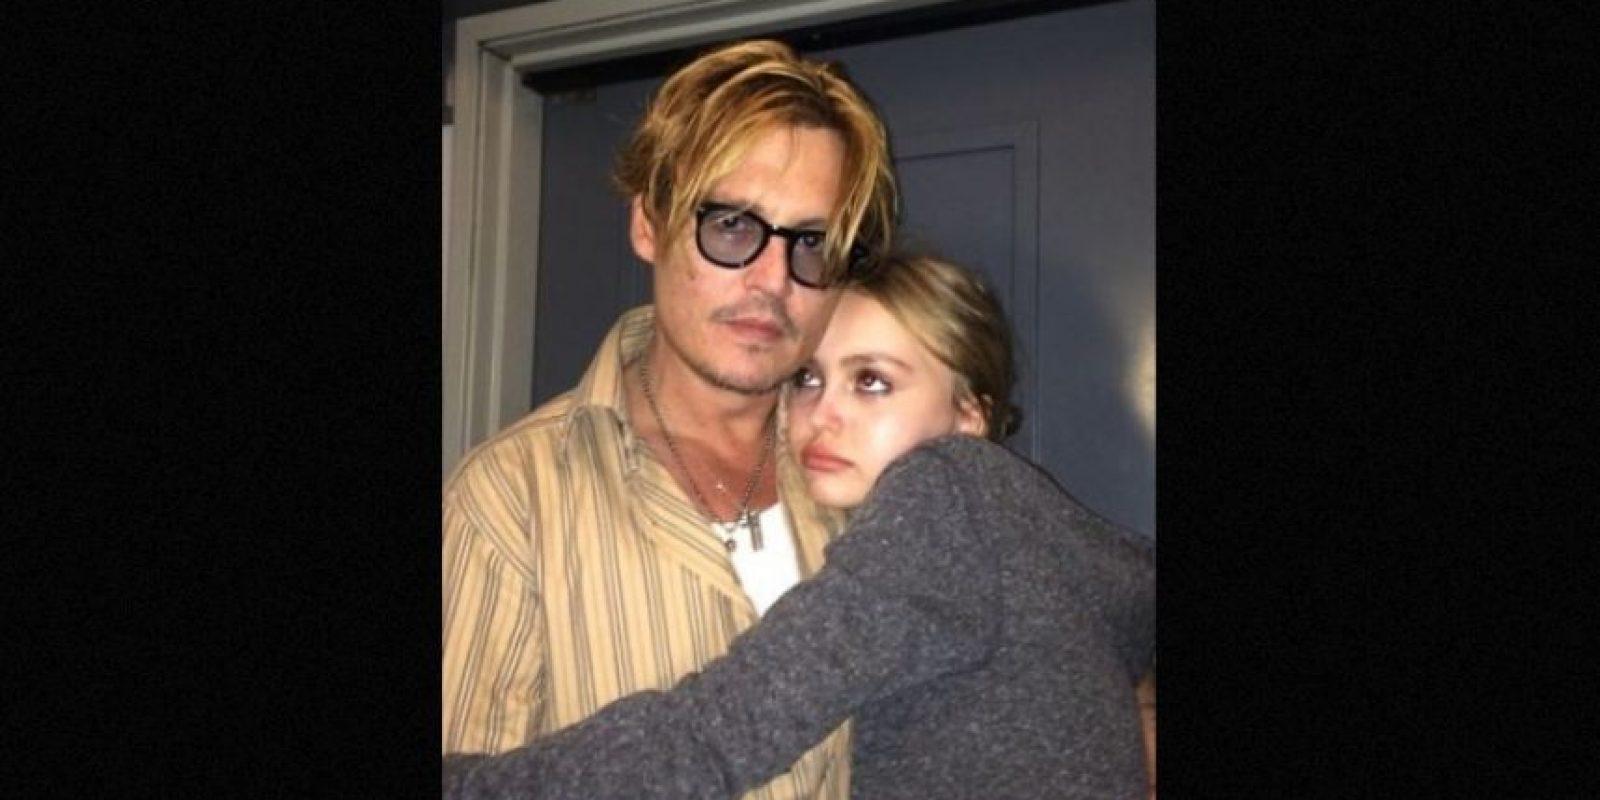 Lily Rose tiene 16 años y es hija del actor Johnny Depp y de la modelo, Vanessa Paradis. Foto:Instagram/lilyrose_depp